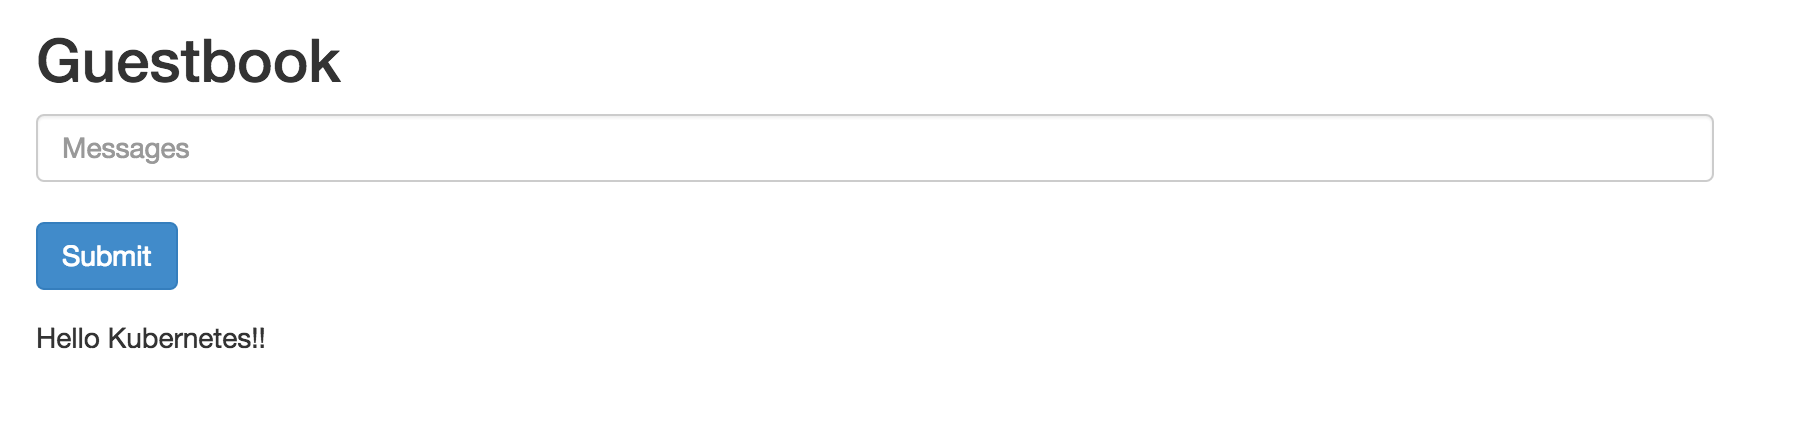 スクリーンショット 2015-02-17 23.06.07.png